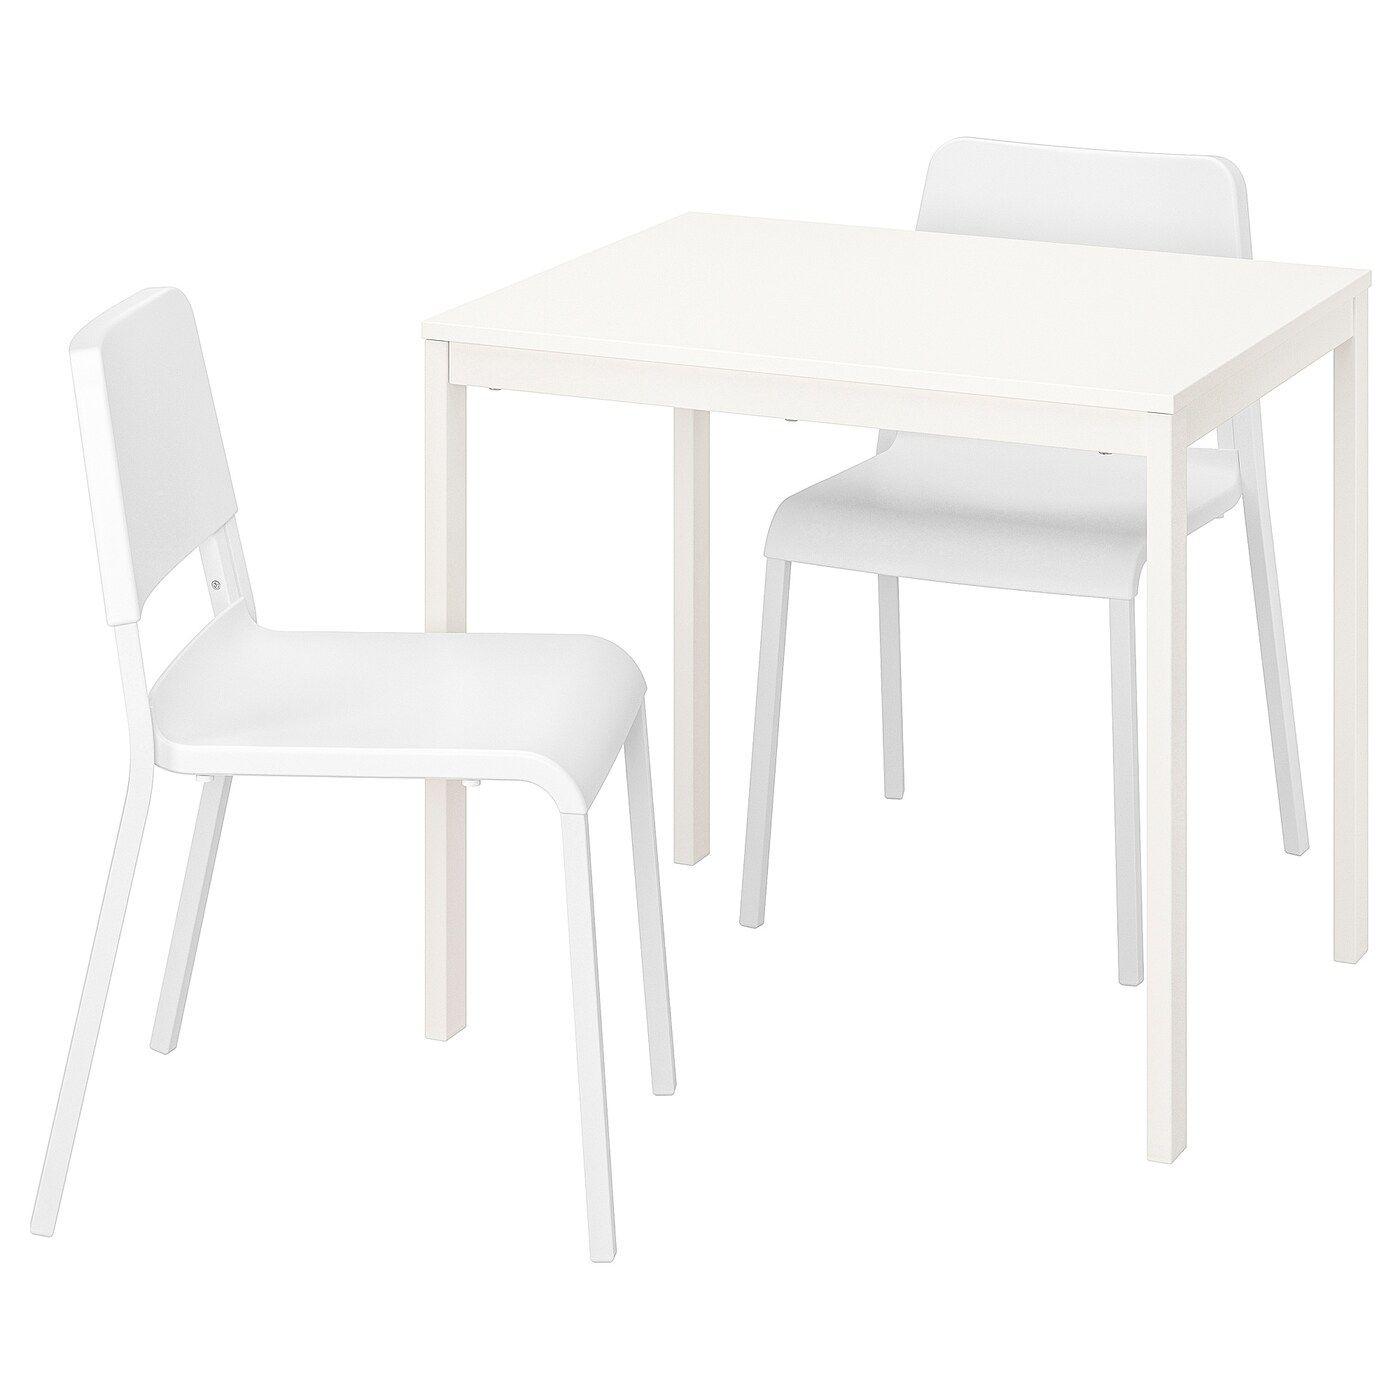 Vangsta Teodores Tisch Und 2 Stuhle Weiss Weiss Stoelen